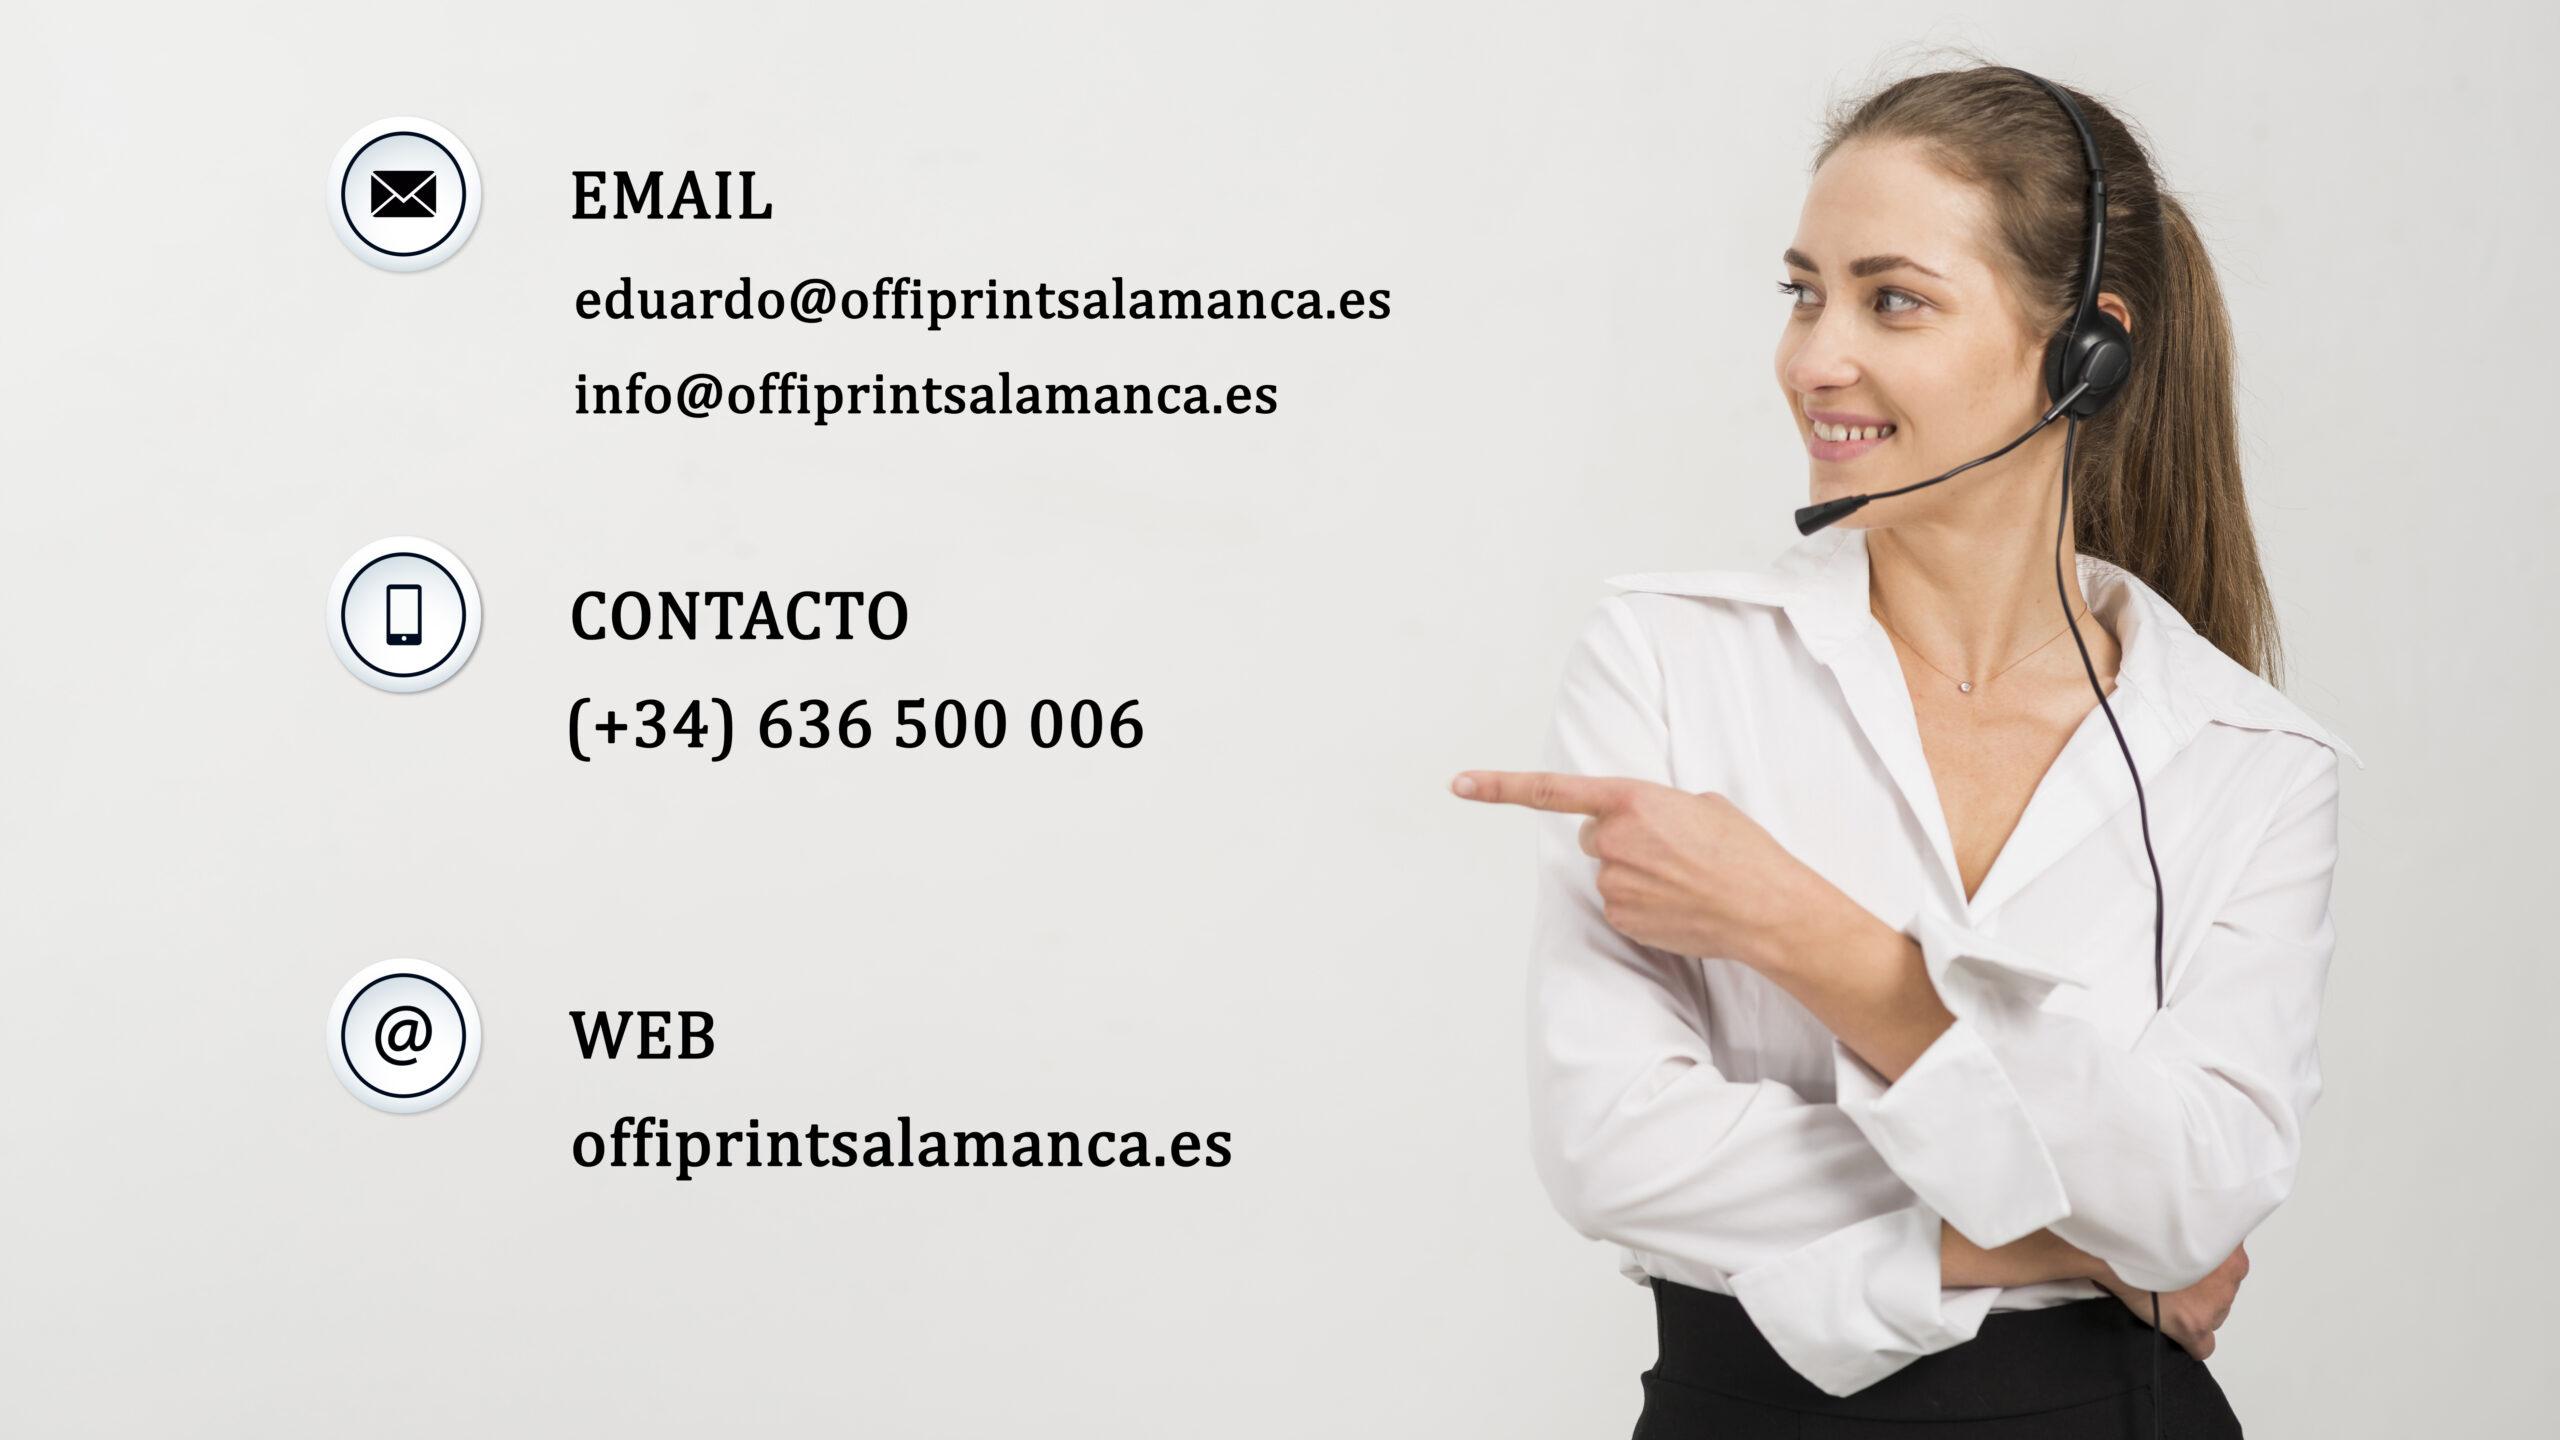 Si desea ponerse en contacto con OFFIPRINT SALAMANCA sólo tiene que enviarnos un correo electrónico o bien, si lo prefiere puede llamar para solicitar cualquier artículo o servicio de nuestro amplio catálogo.